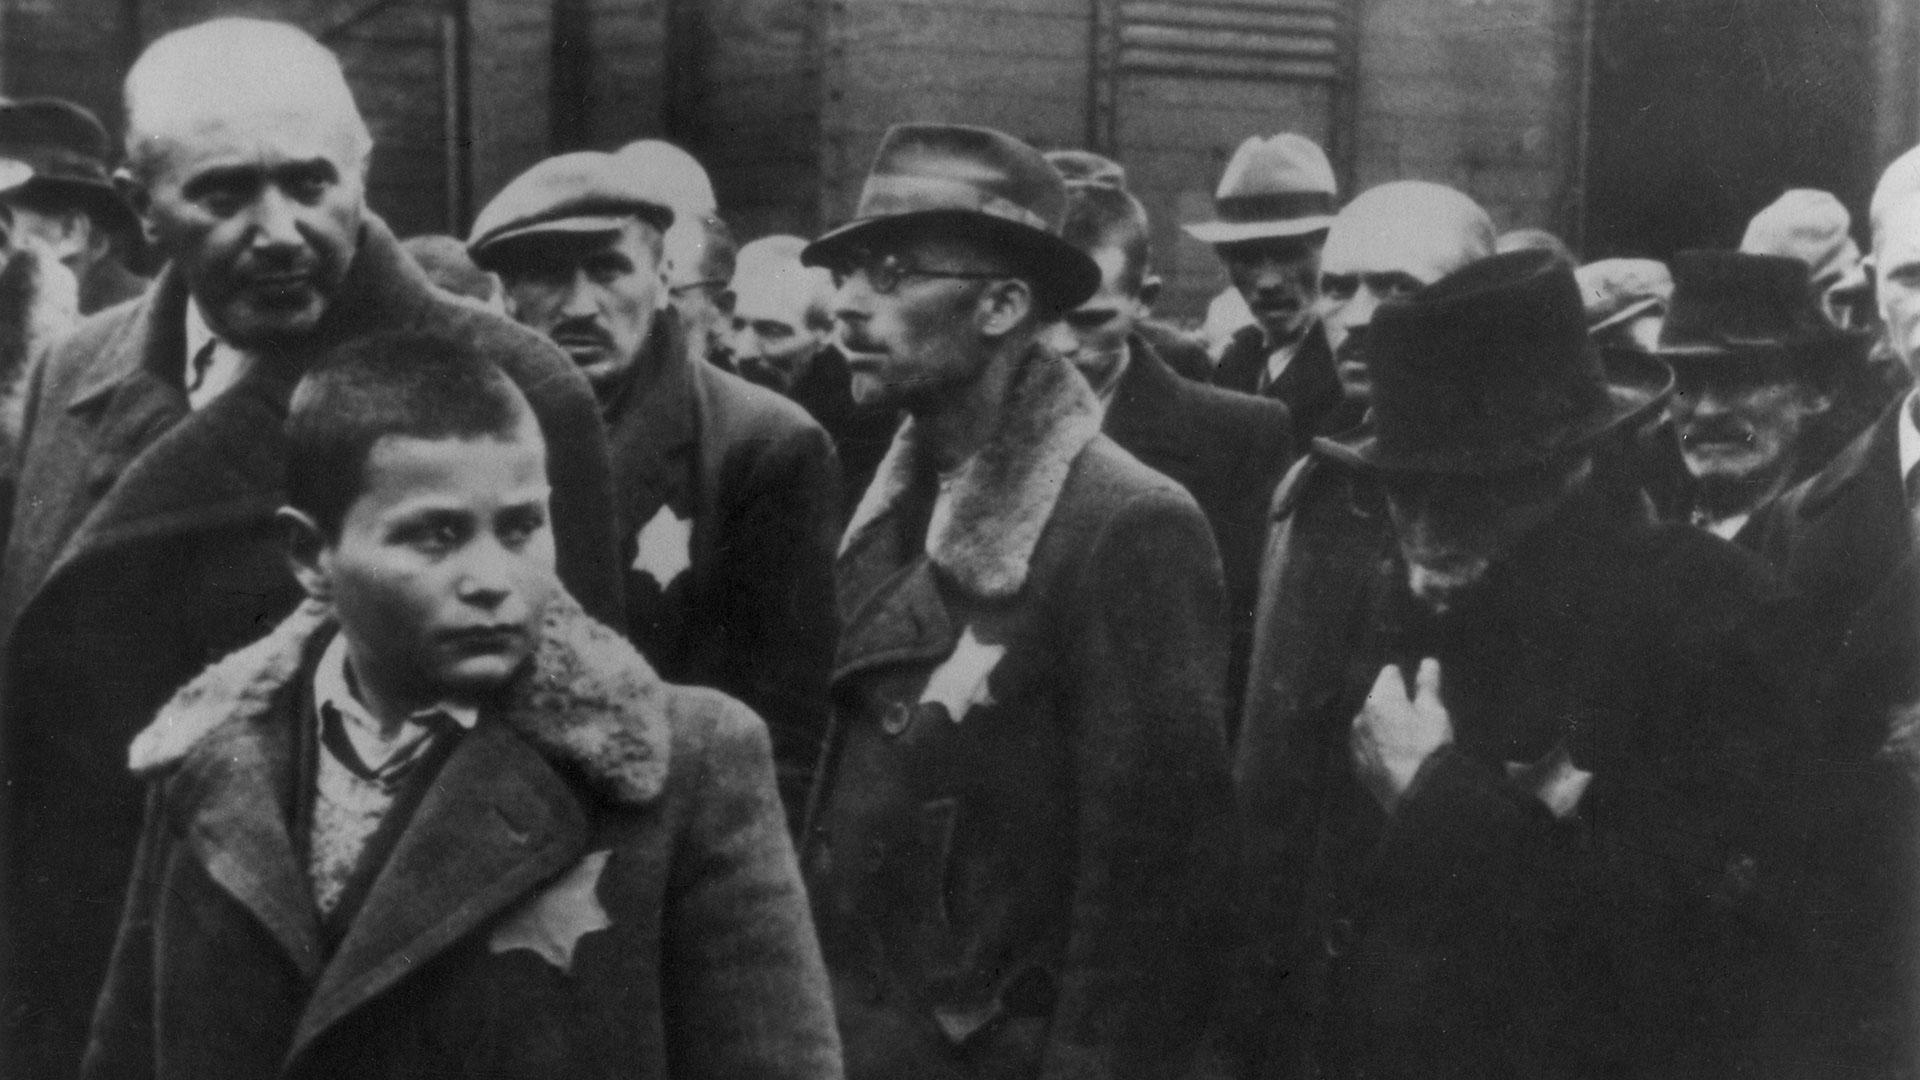 Cerca de 7.600 prisioneros fueron liberados por el Ejército Rojo el 27 de enero de 1945